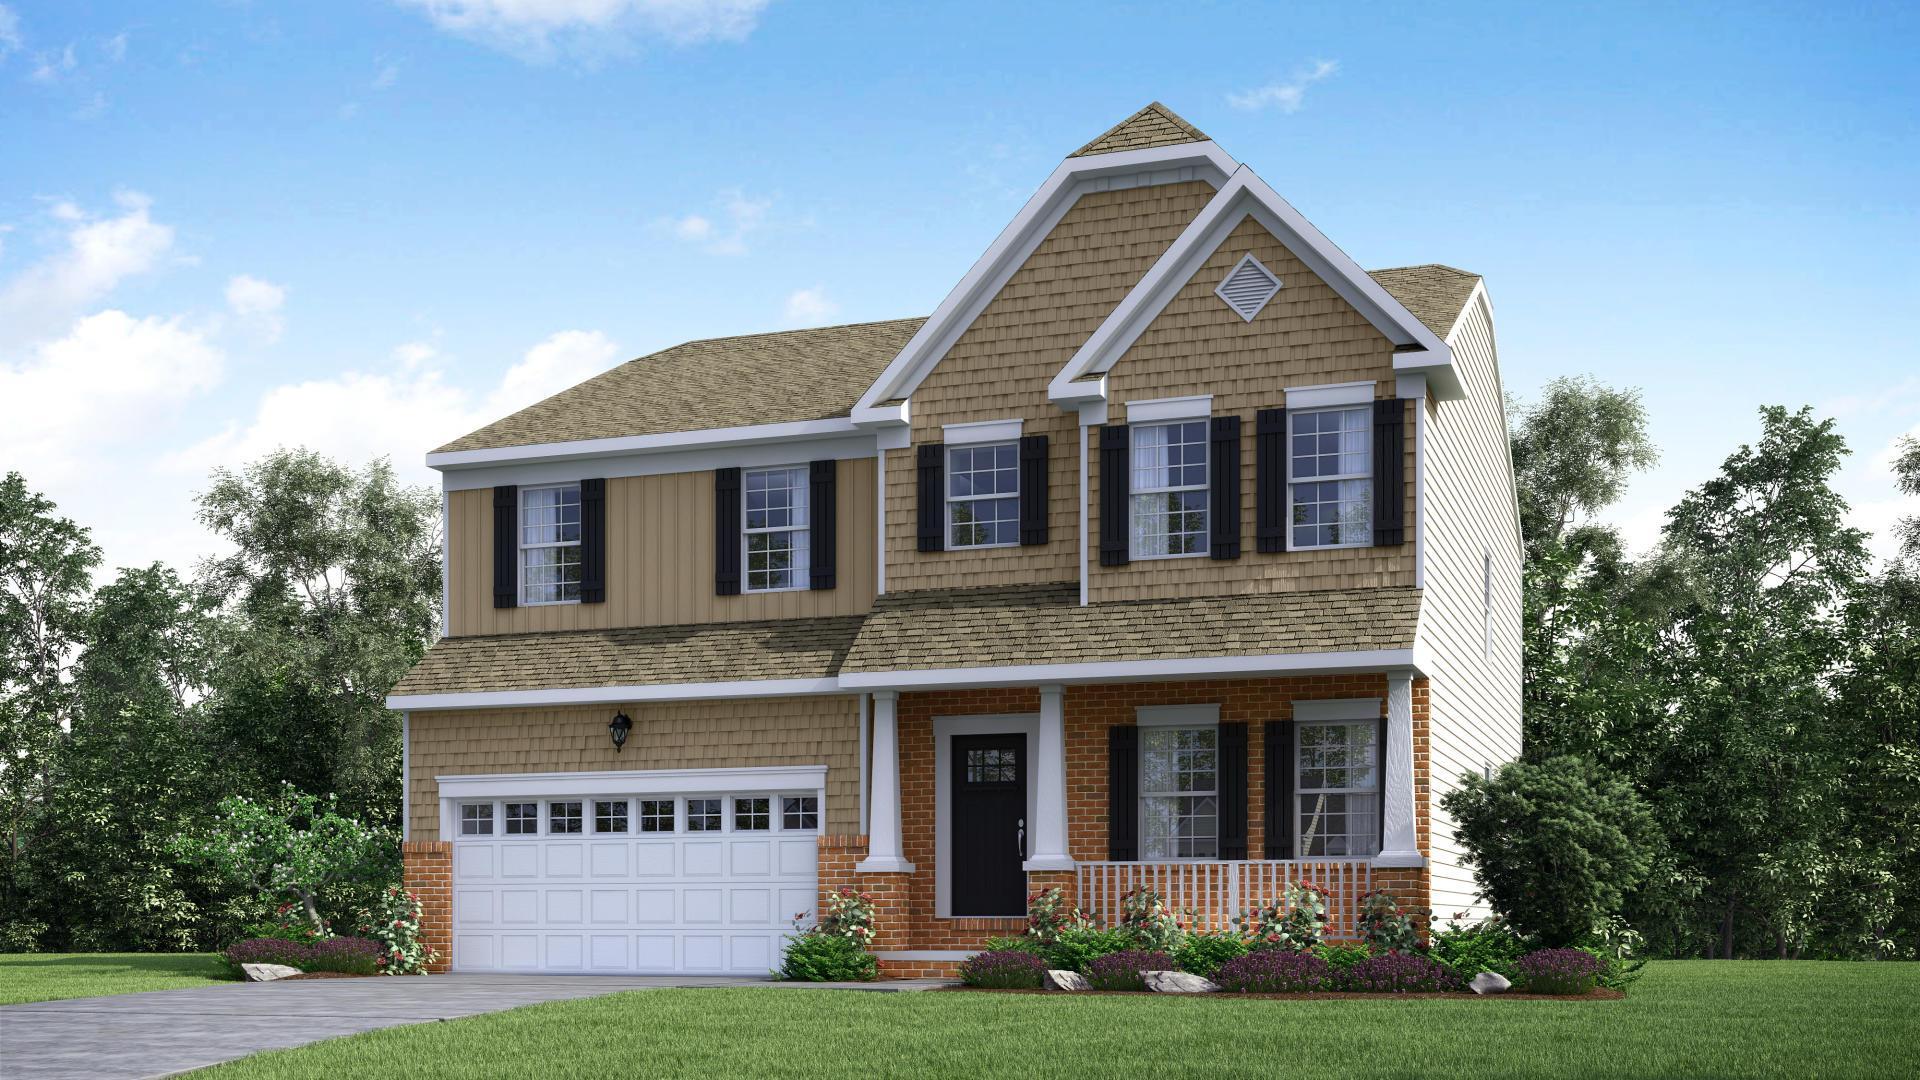 Exterior:Elevation: E Opt Carolina Inspired Facade, Porch, & Garage Door